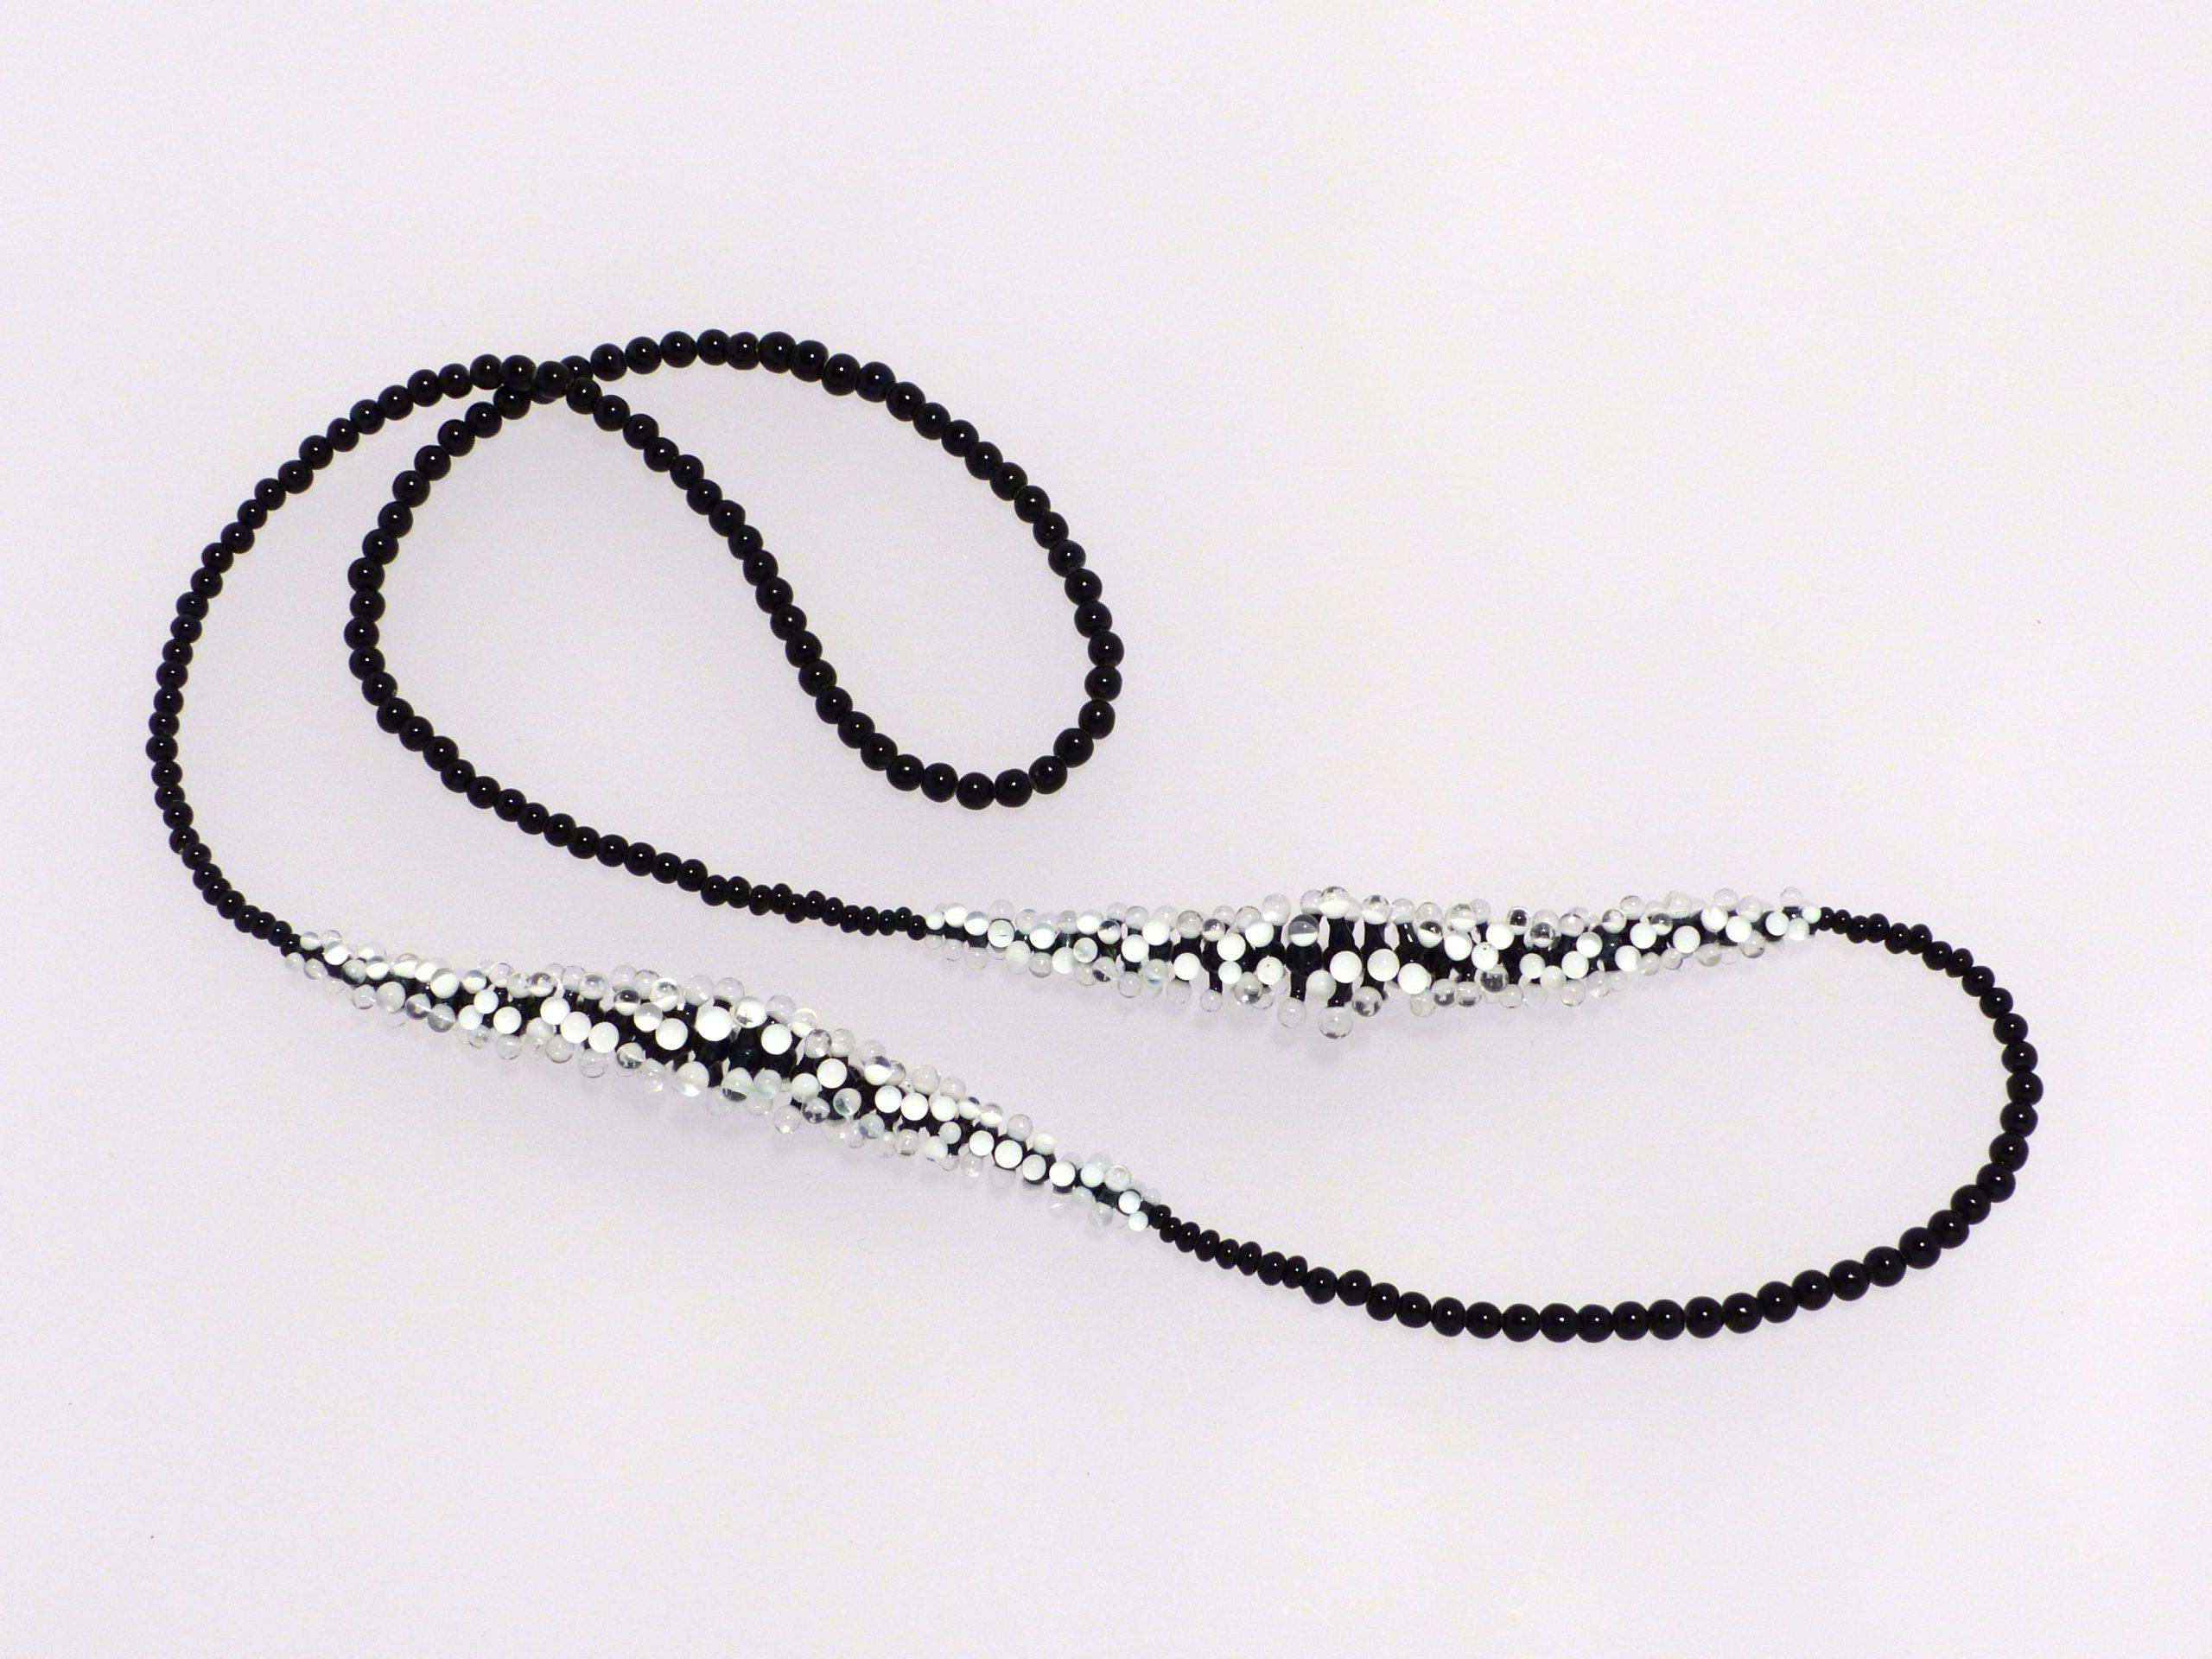 Seeanemone schwarz-weiß-farblos, lang | 3 farbig, Glas, Stahlseil, Silber | 290991b-19